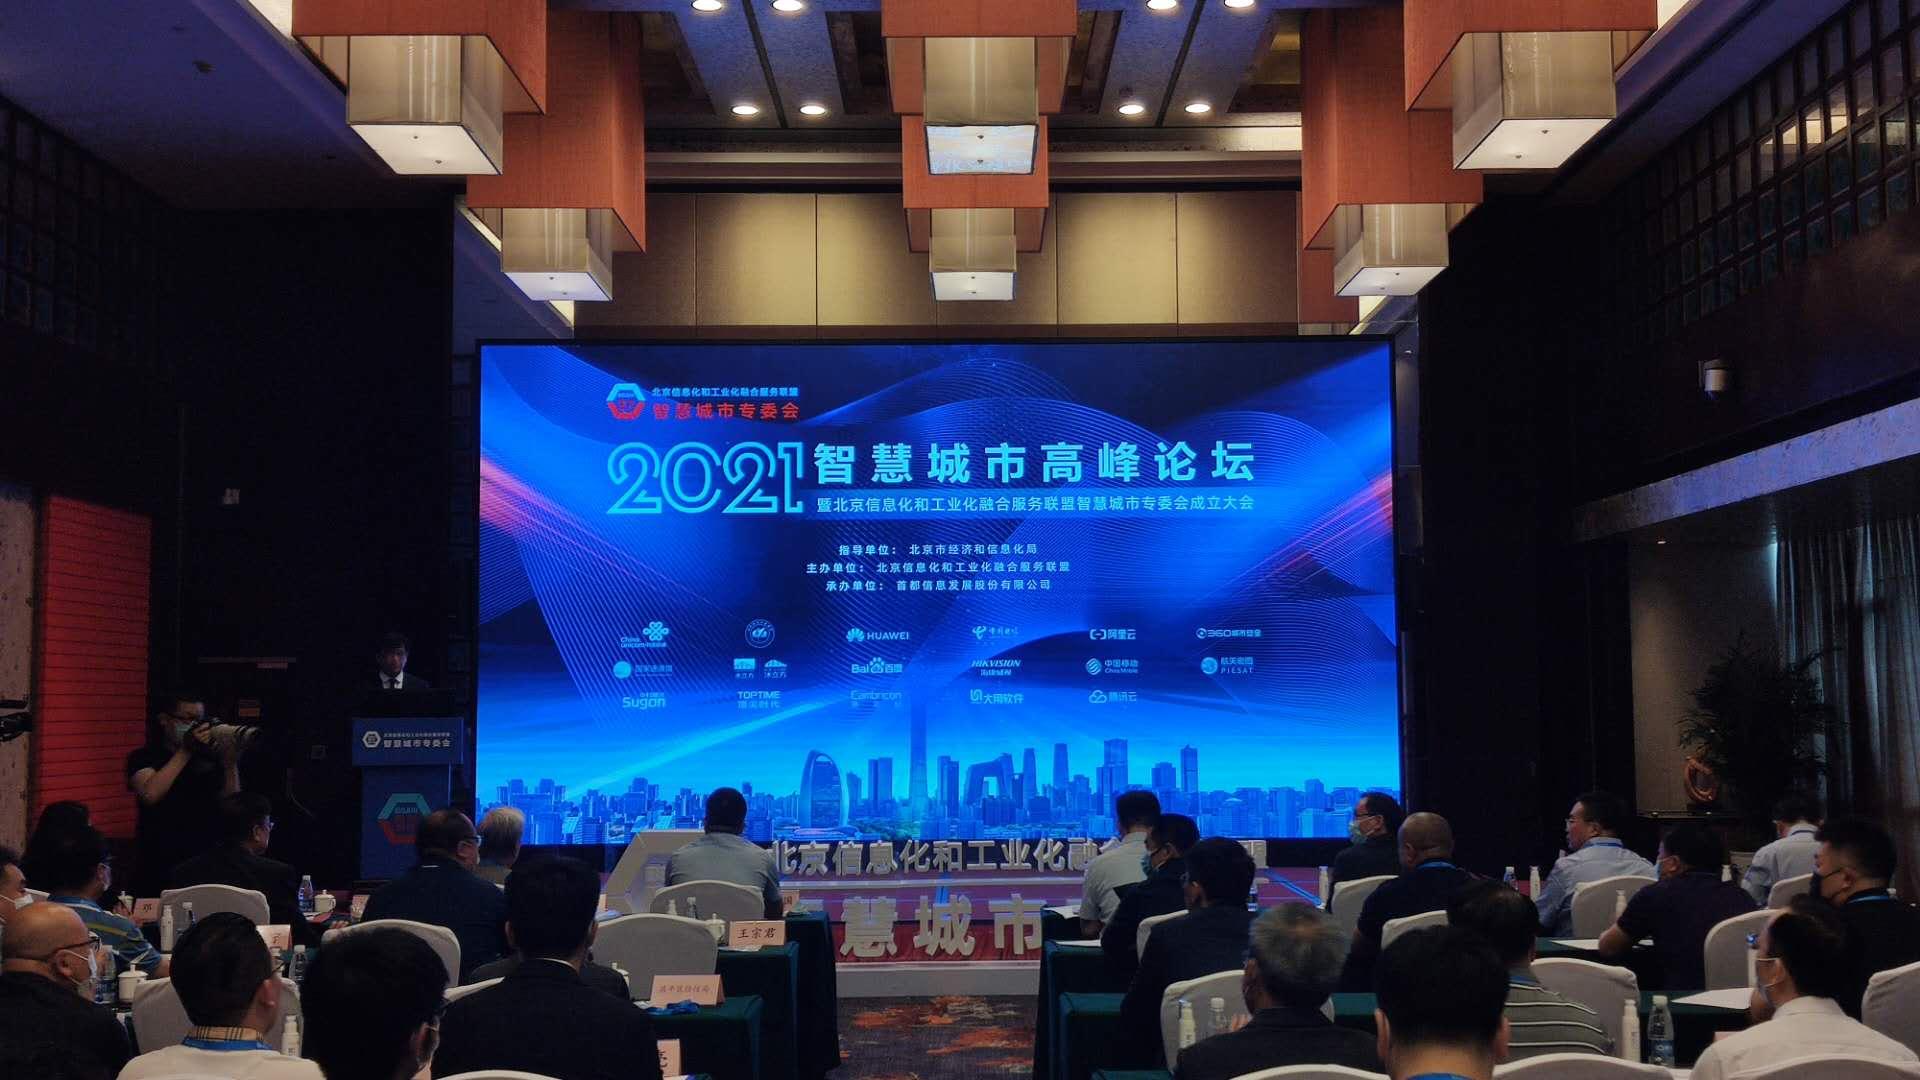 北京搭建新平台助推智慧城市建设,华为BAT联手入局